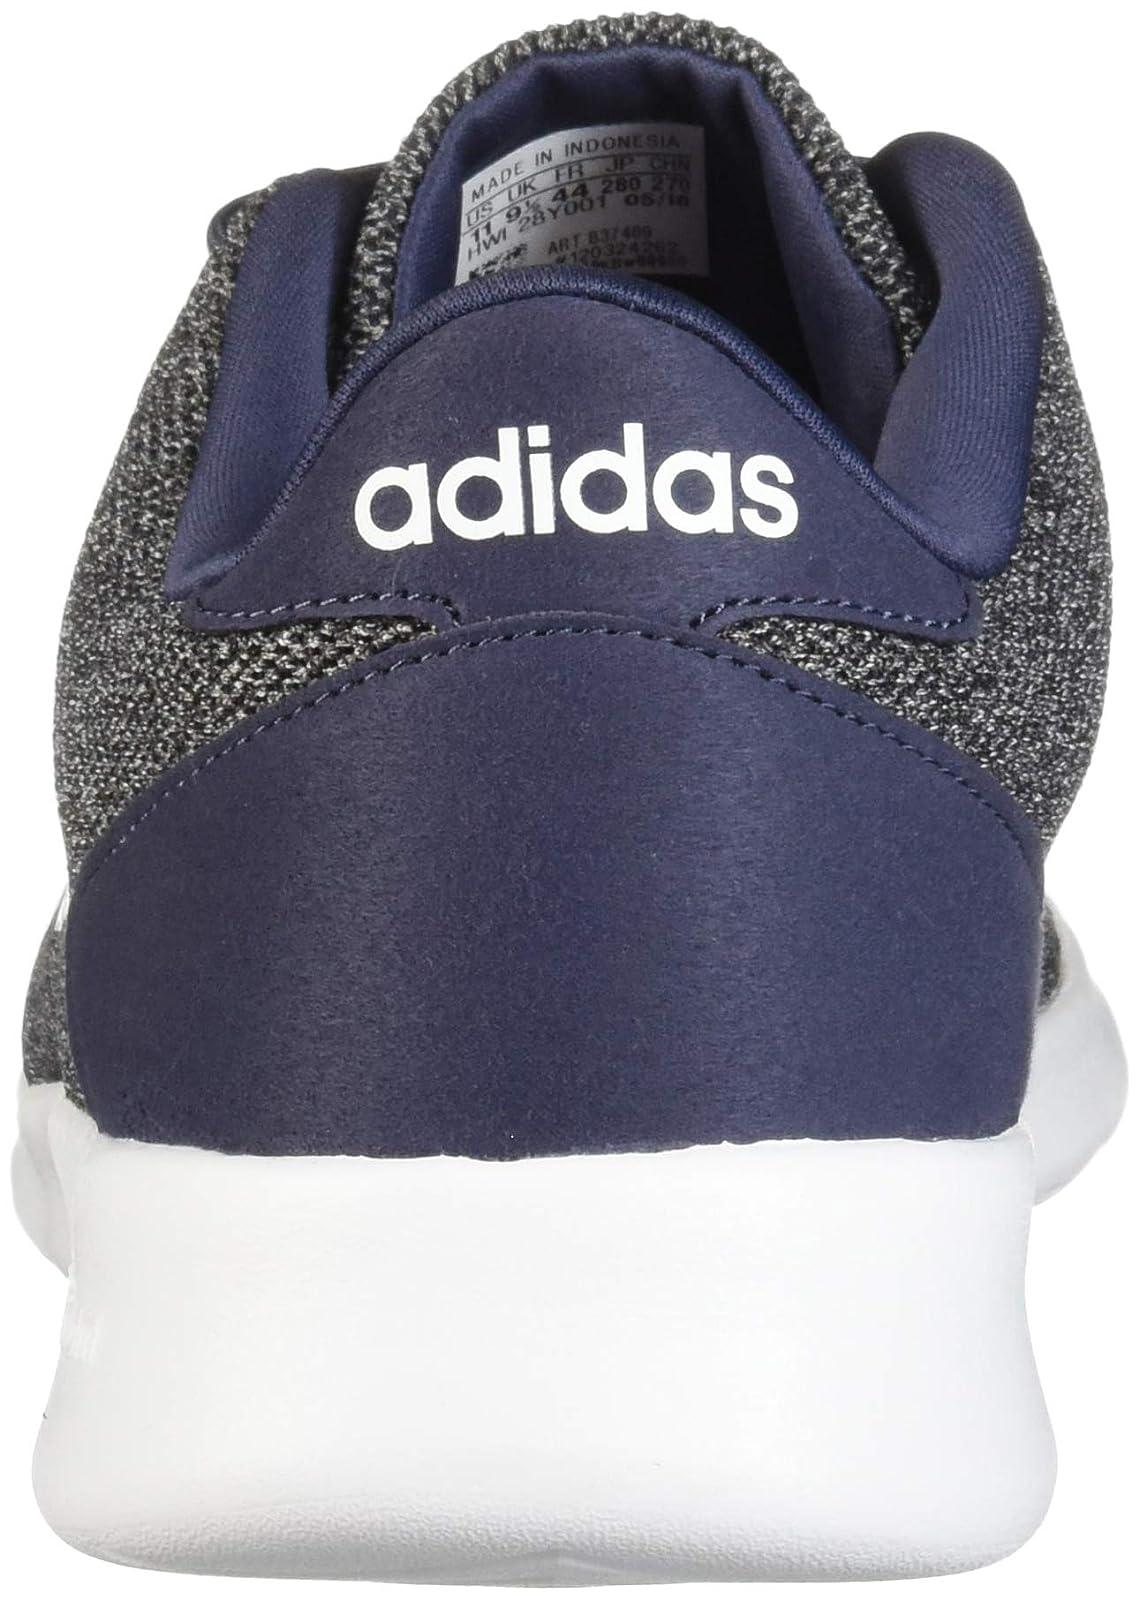 adidas Women's Cf Qt Racer Running Shoe BB9846 Navy - 2